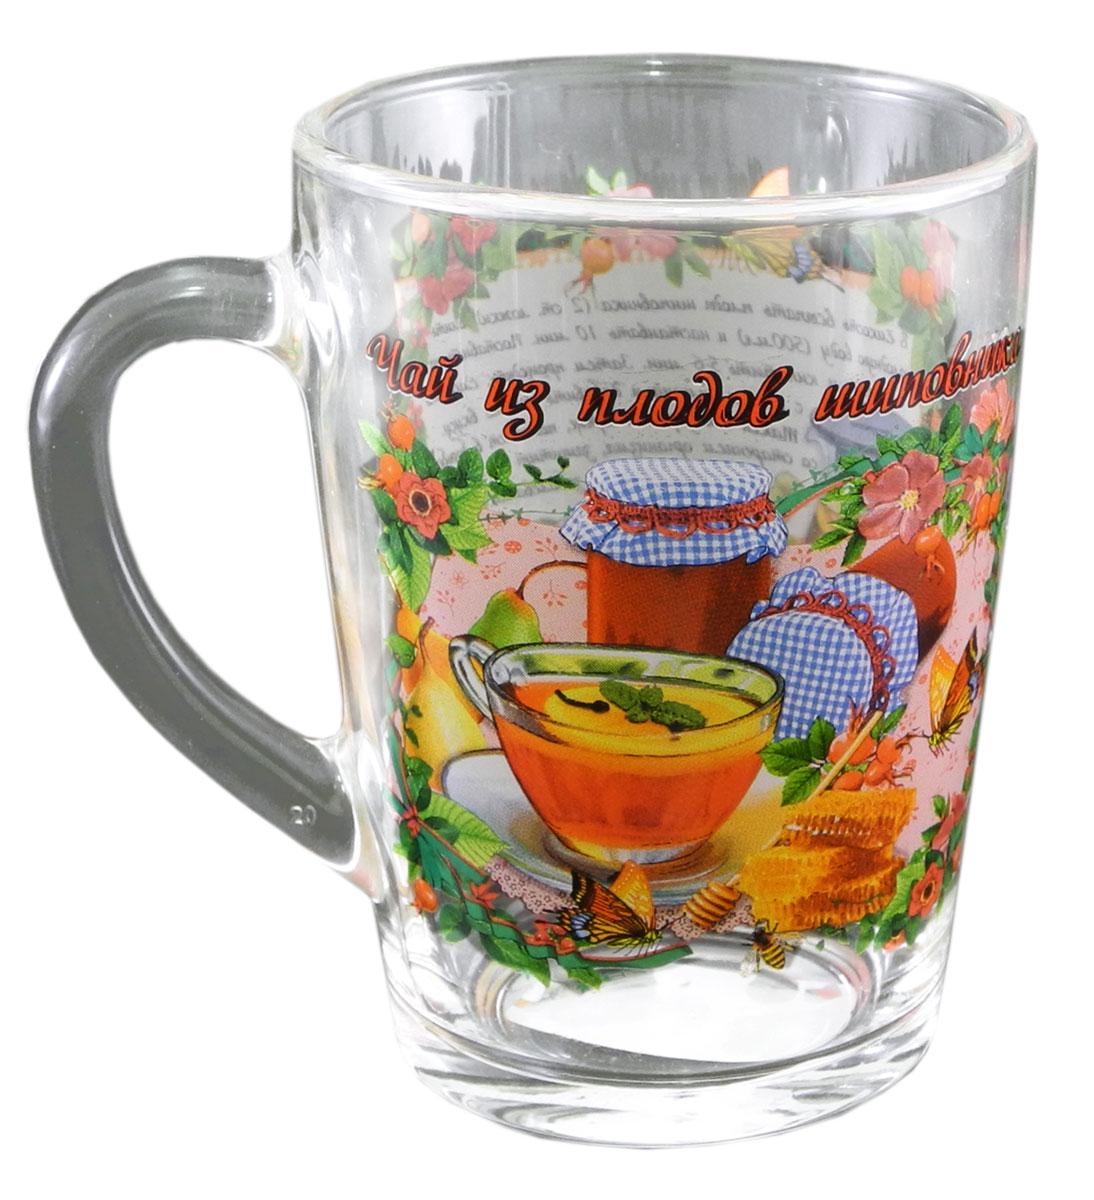 Кружка чайная Квестор Каппучино. Чай из плодов шиповника, 300 мл115610Кружка чайная Квестор Каппучино. Чай из плодов шиповника, 300 мл